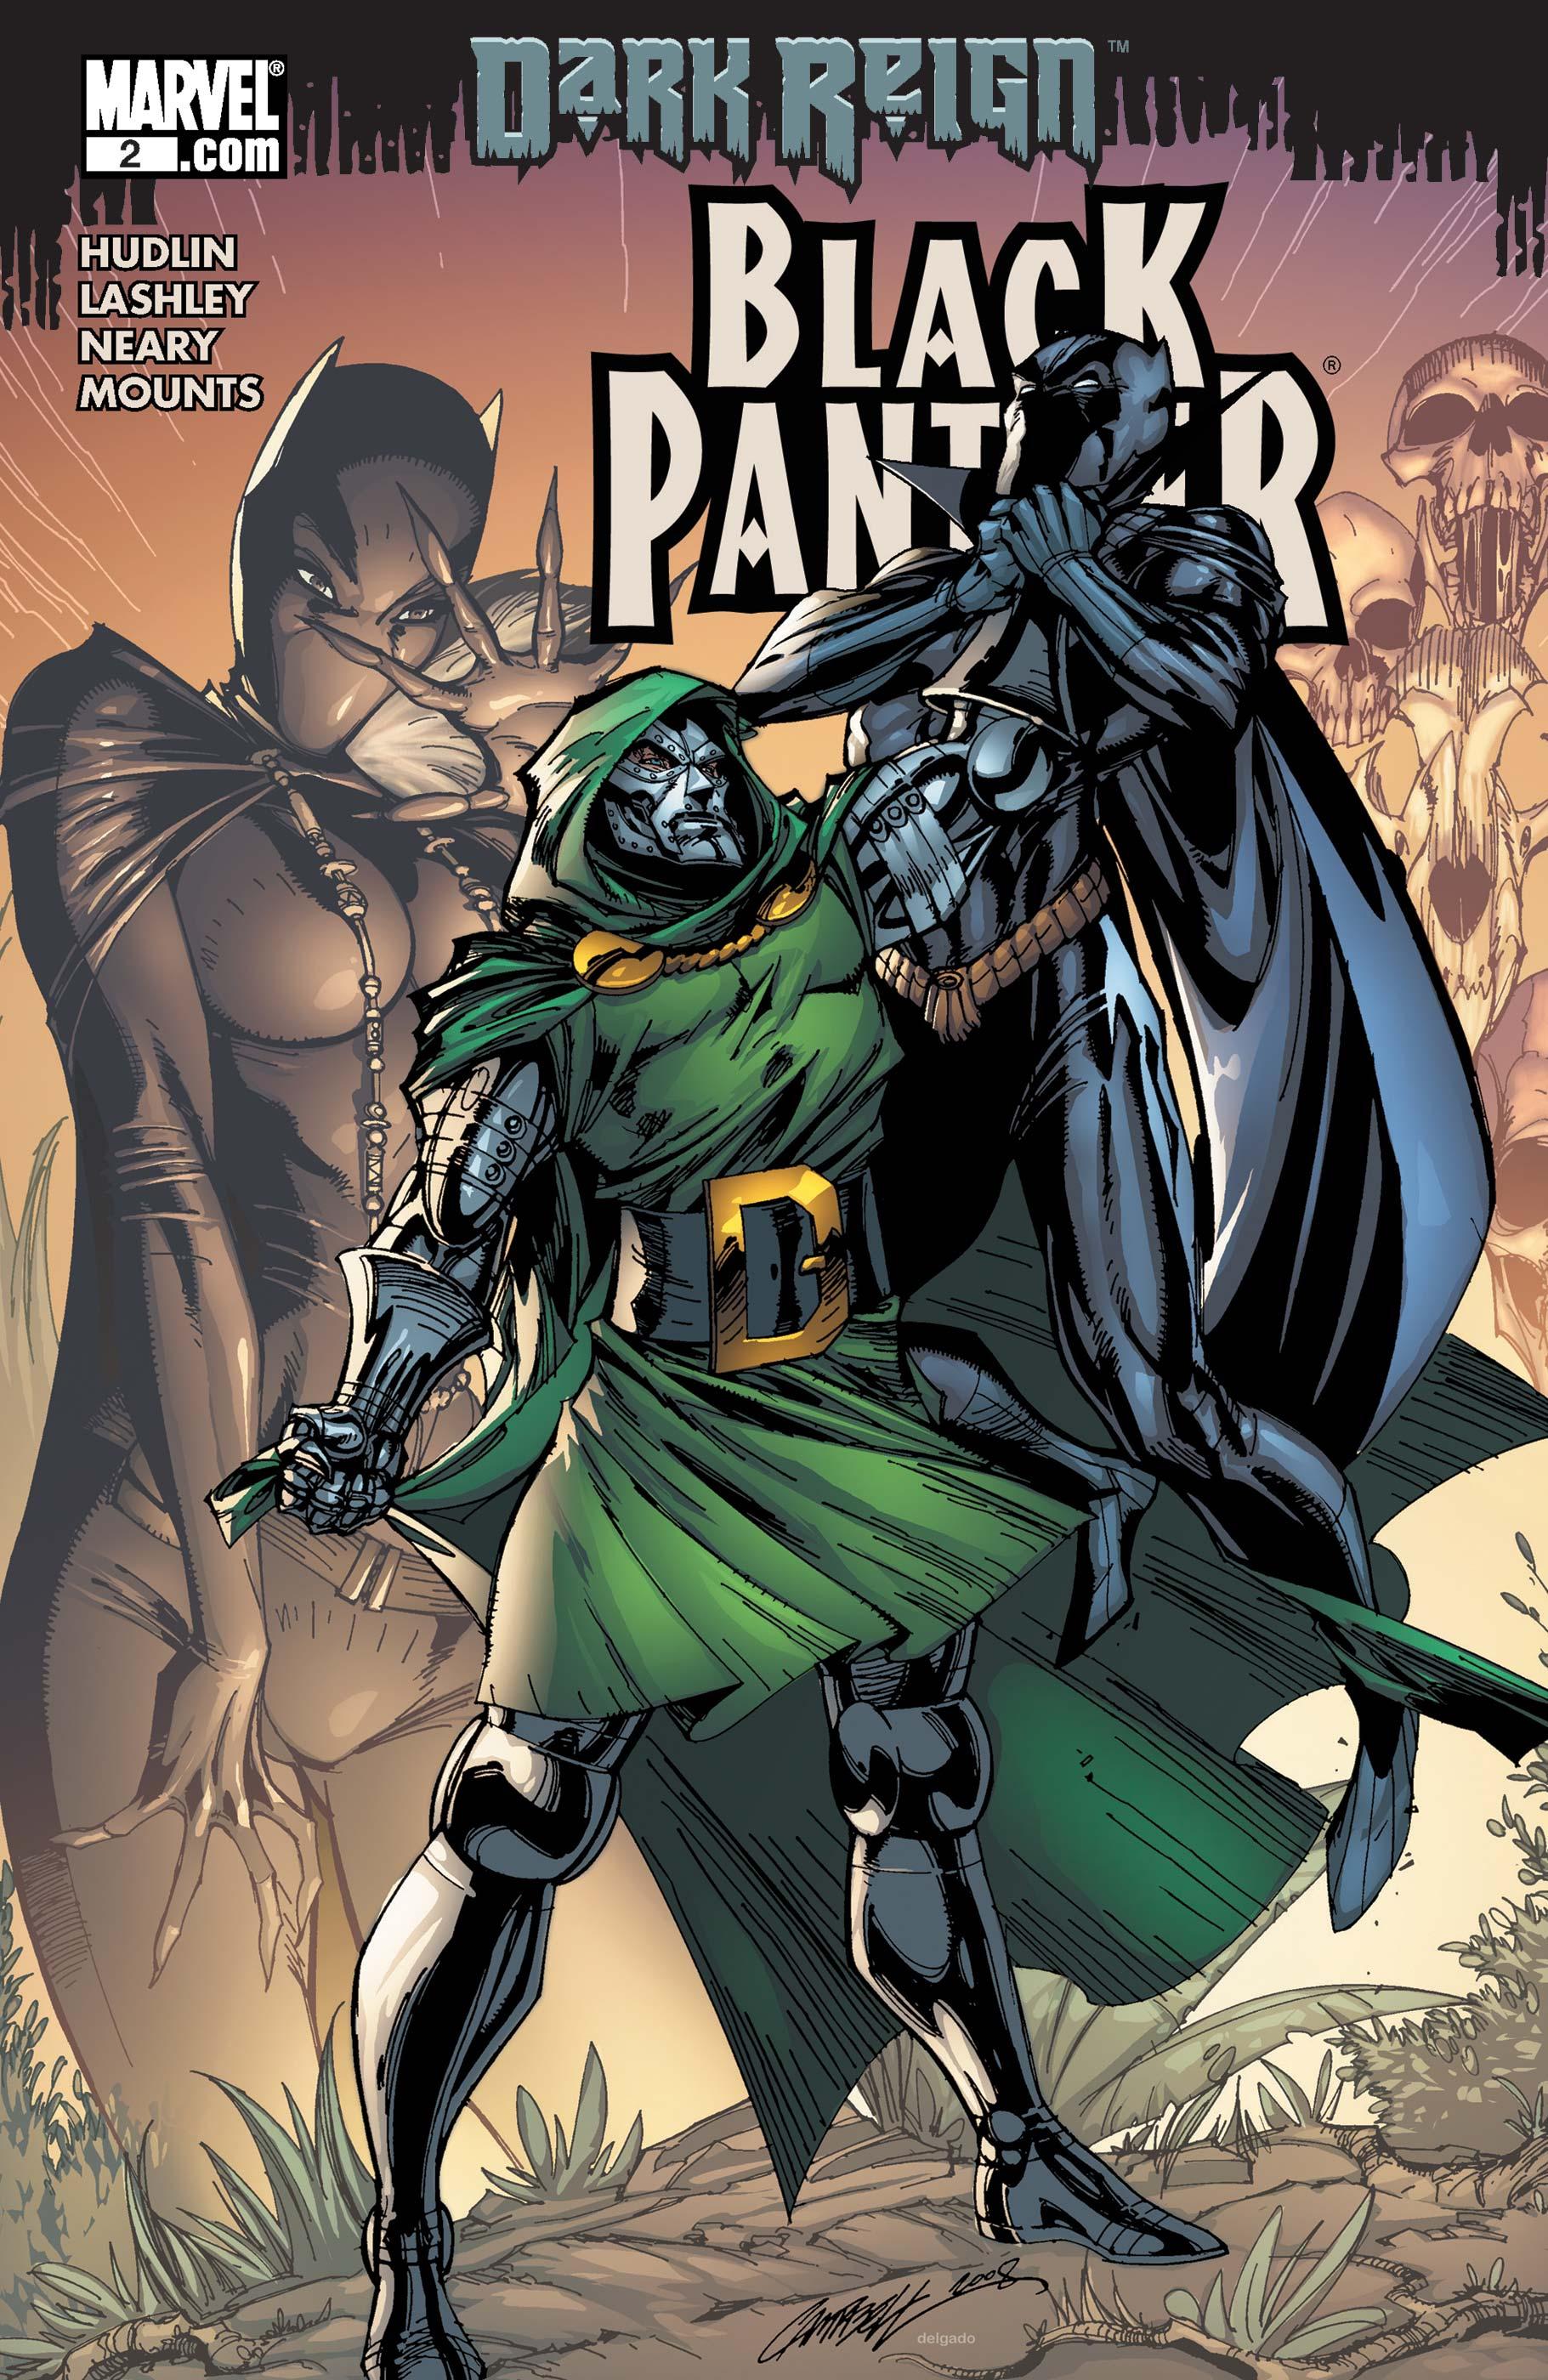 Black Panther (2009) #2